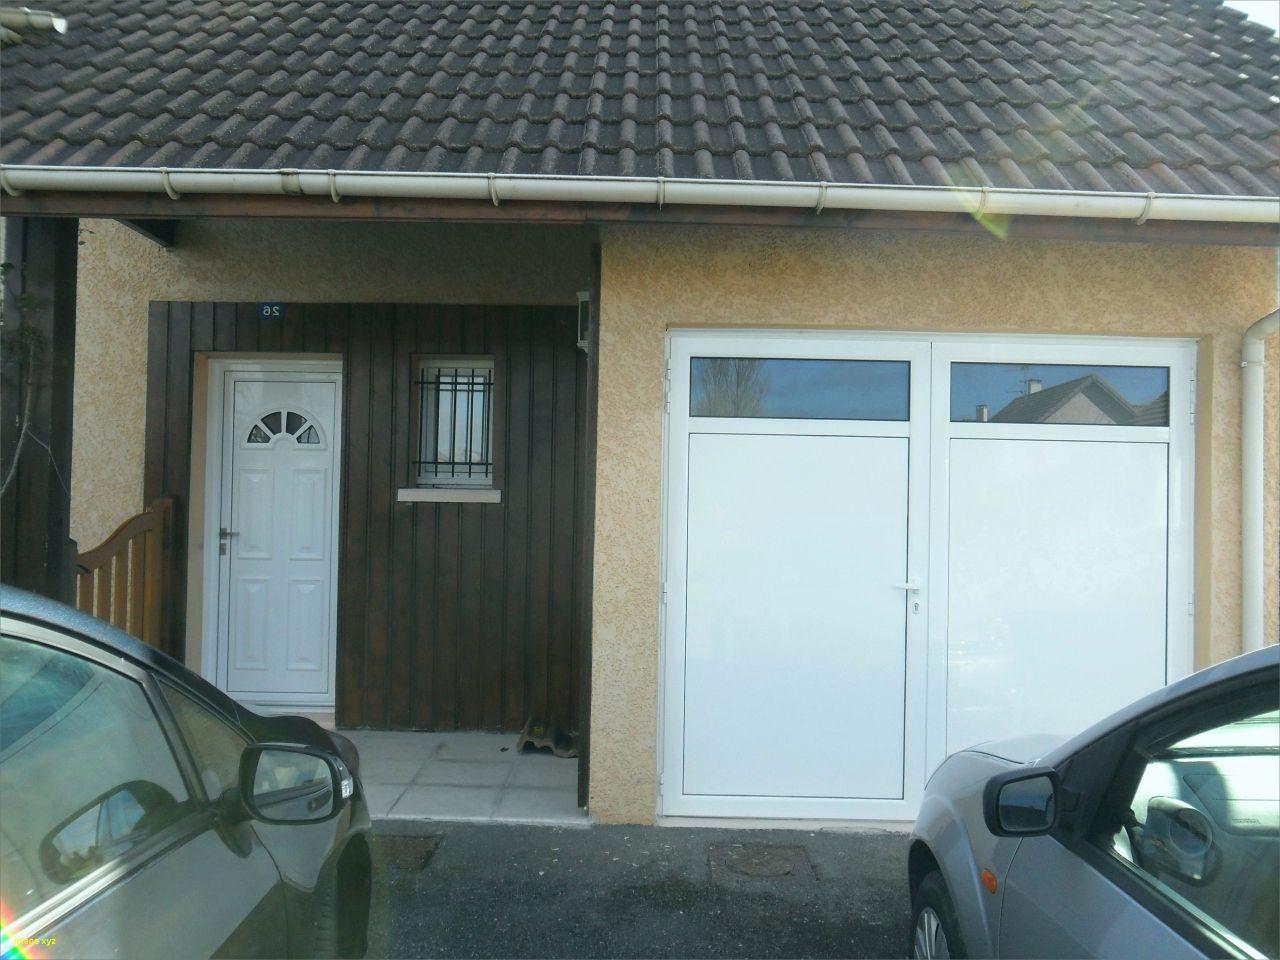 70 Porte Garage Grande Largeur Check More At Https://Www pour Rideau Grande Largeur Castorama